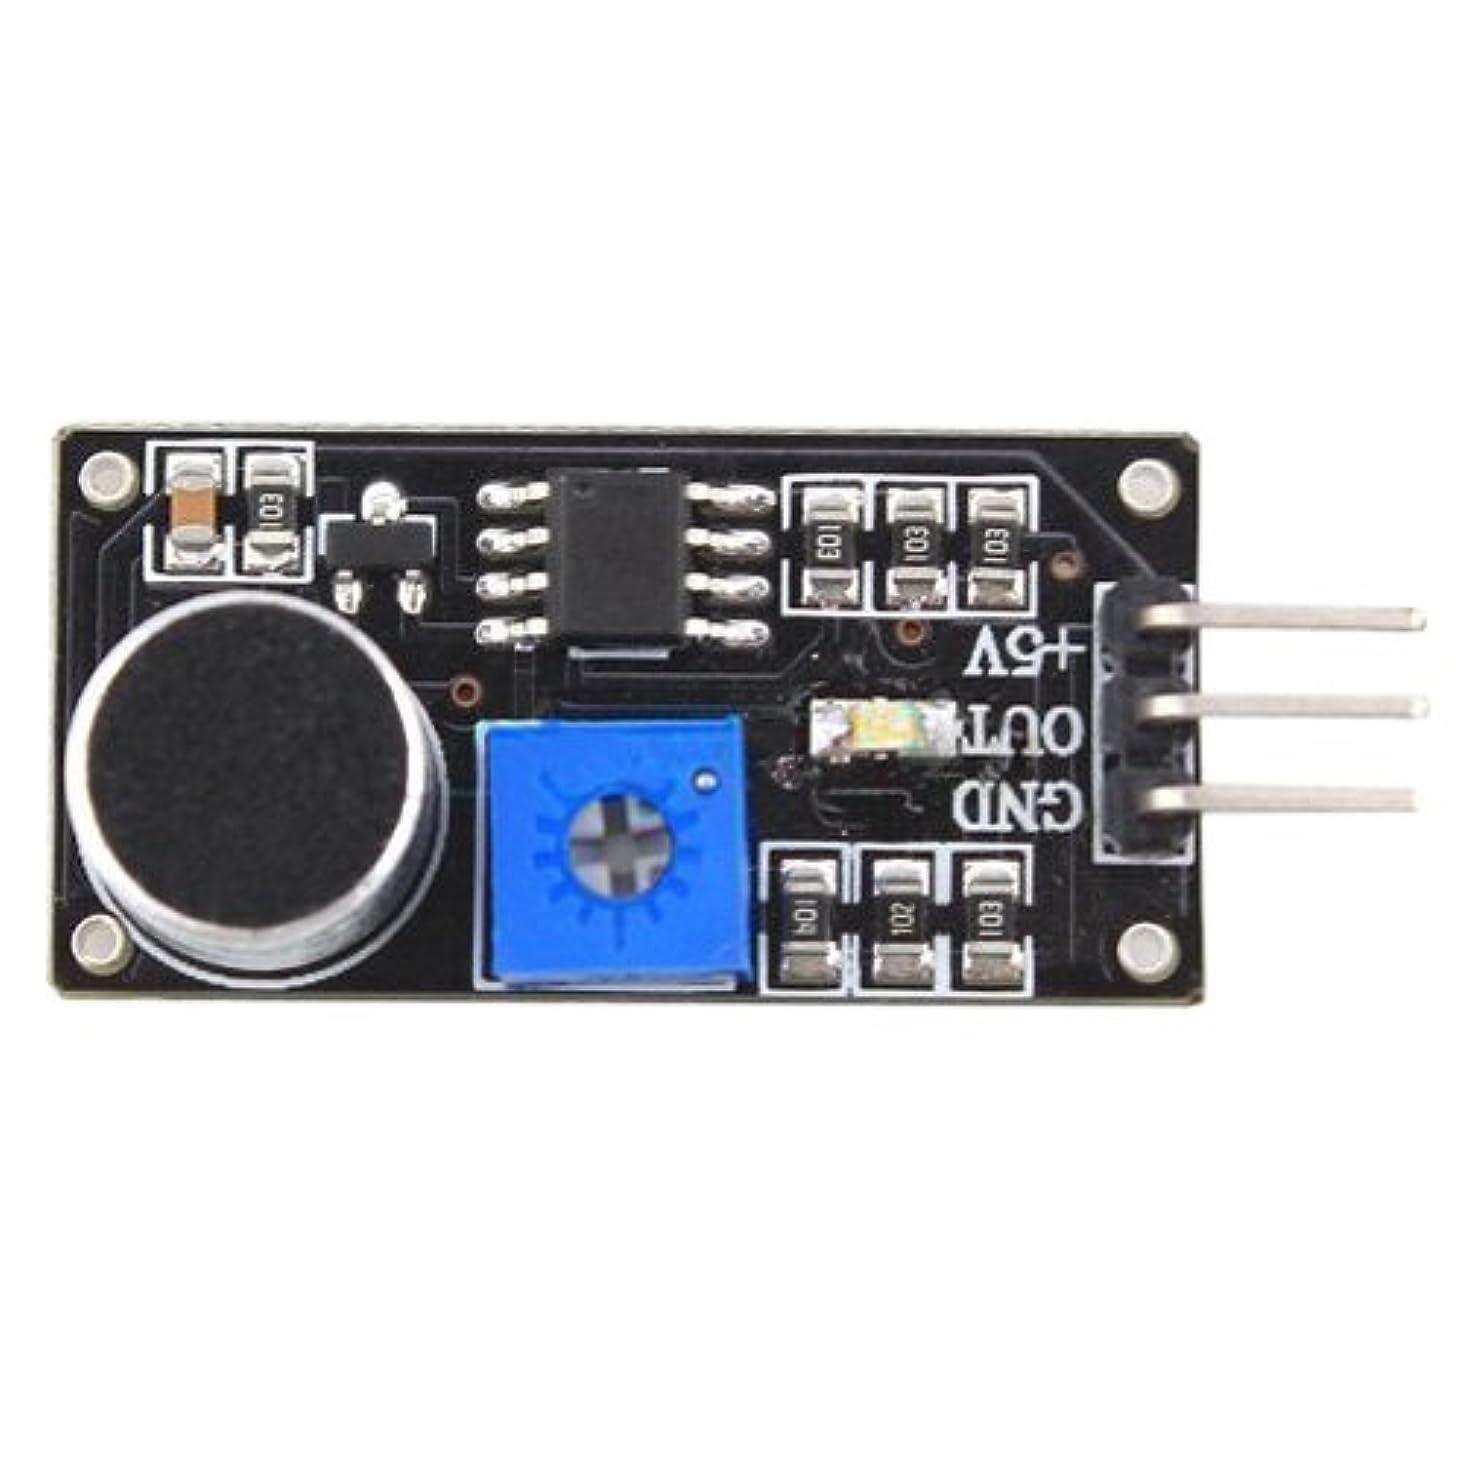 取得テスピアンそしてSODIAL(R) 1x音声センサー音センサー スマートビークル Arduinoの為